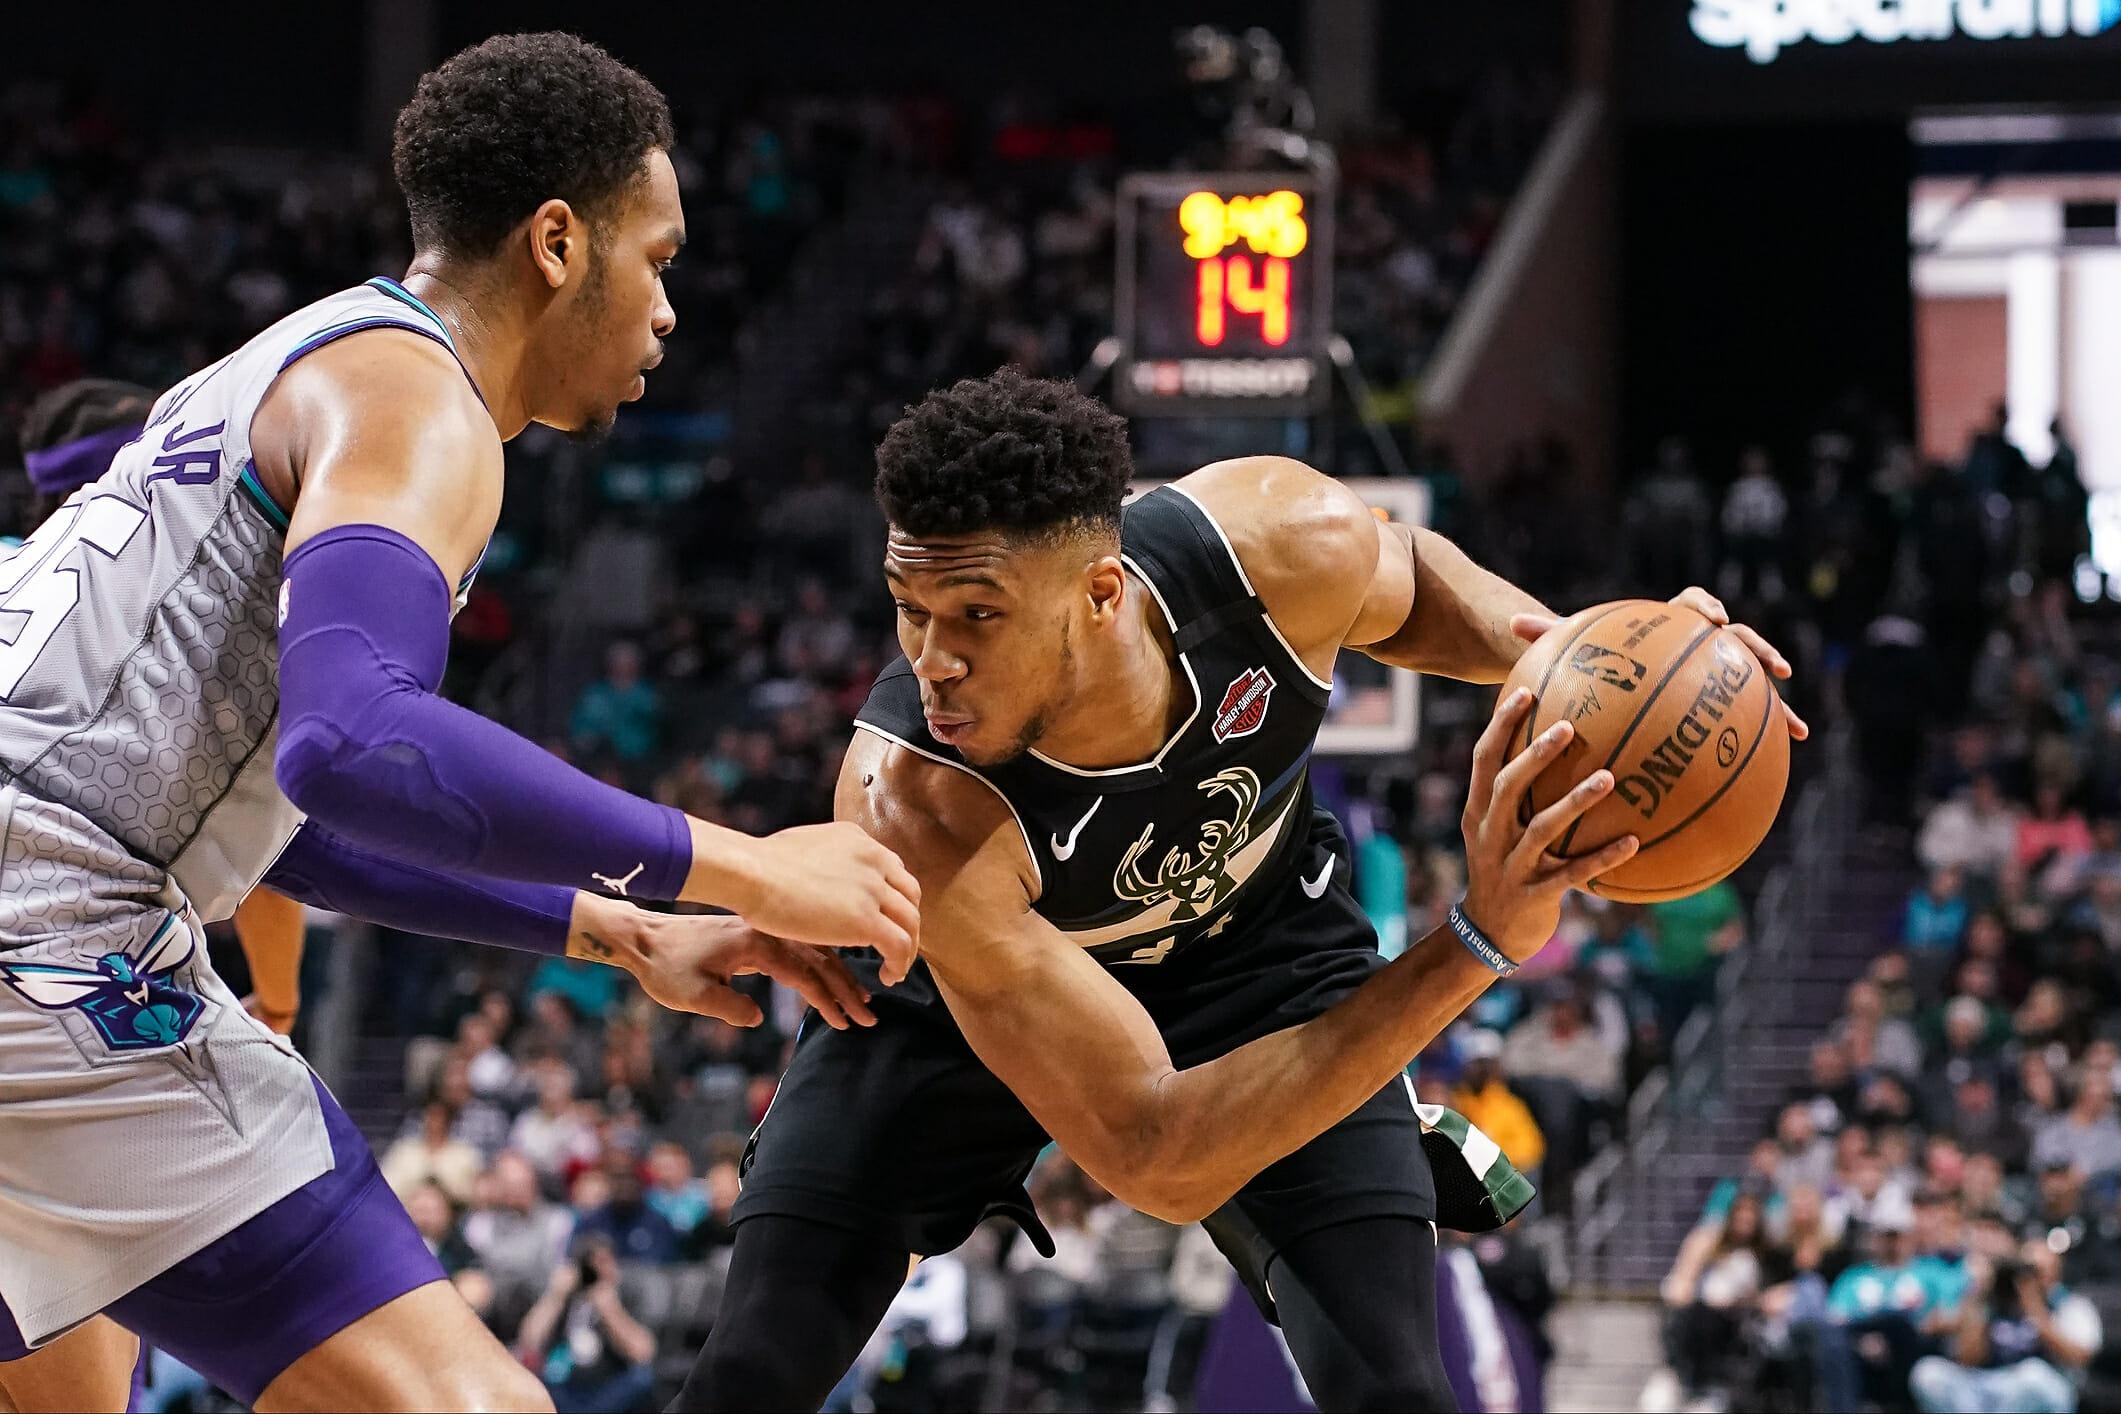 Αντετοκούνμπο: Αυτό είναι το πρόγραμμα στο NBA – Πρεμιέρα με Σέλτικς για τους Μπακς (pics)